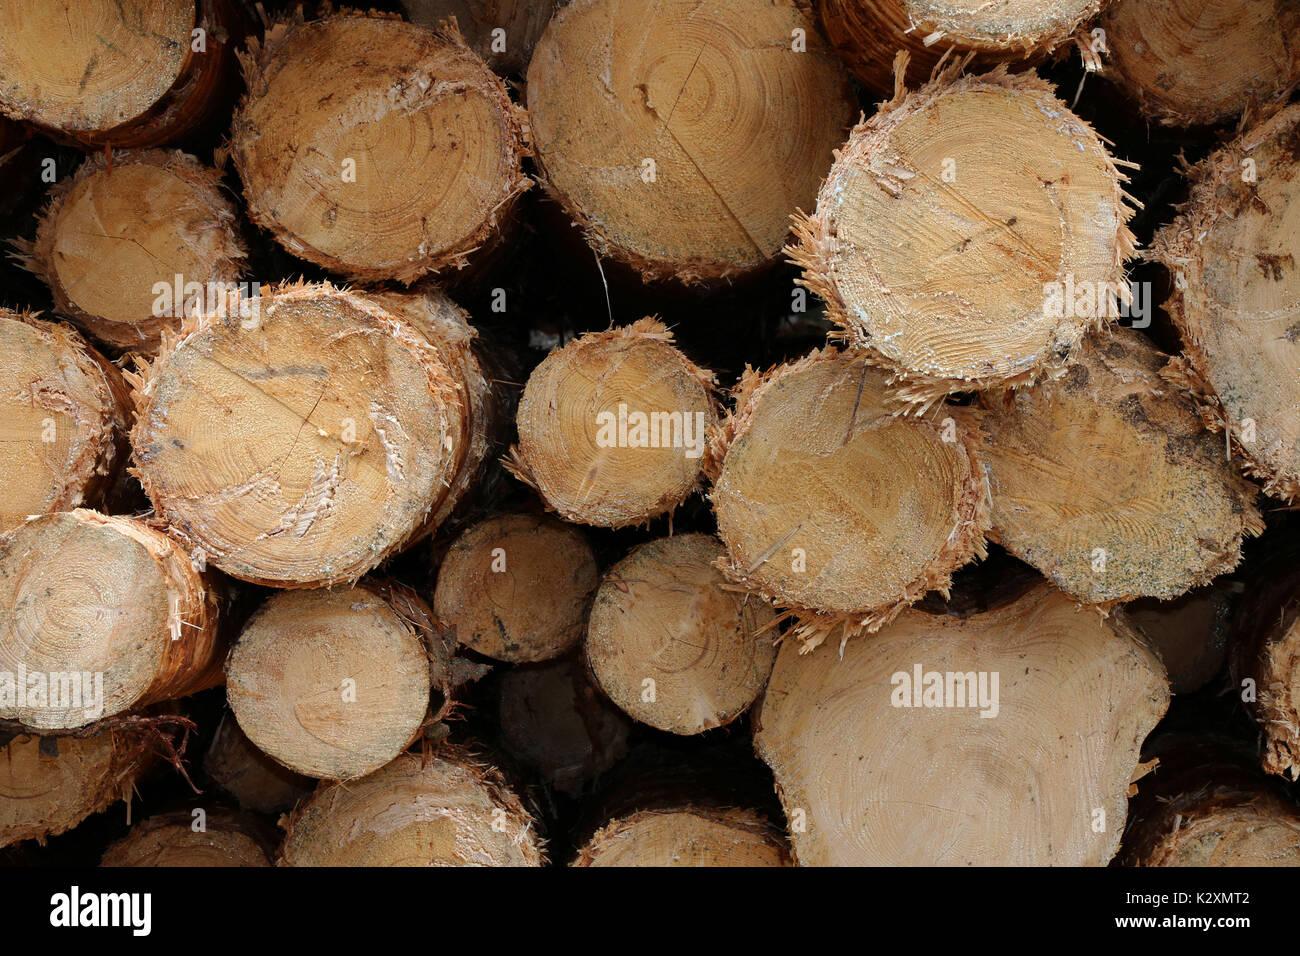 Wald, Forst, Holz, Natur, Baeume, Staemme, entrindet, Rohstoff, nachwachsend - Stock Image